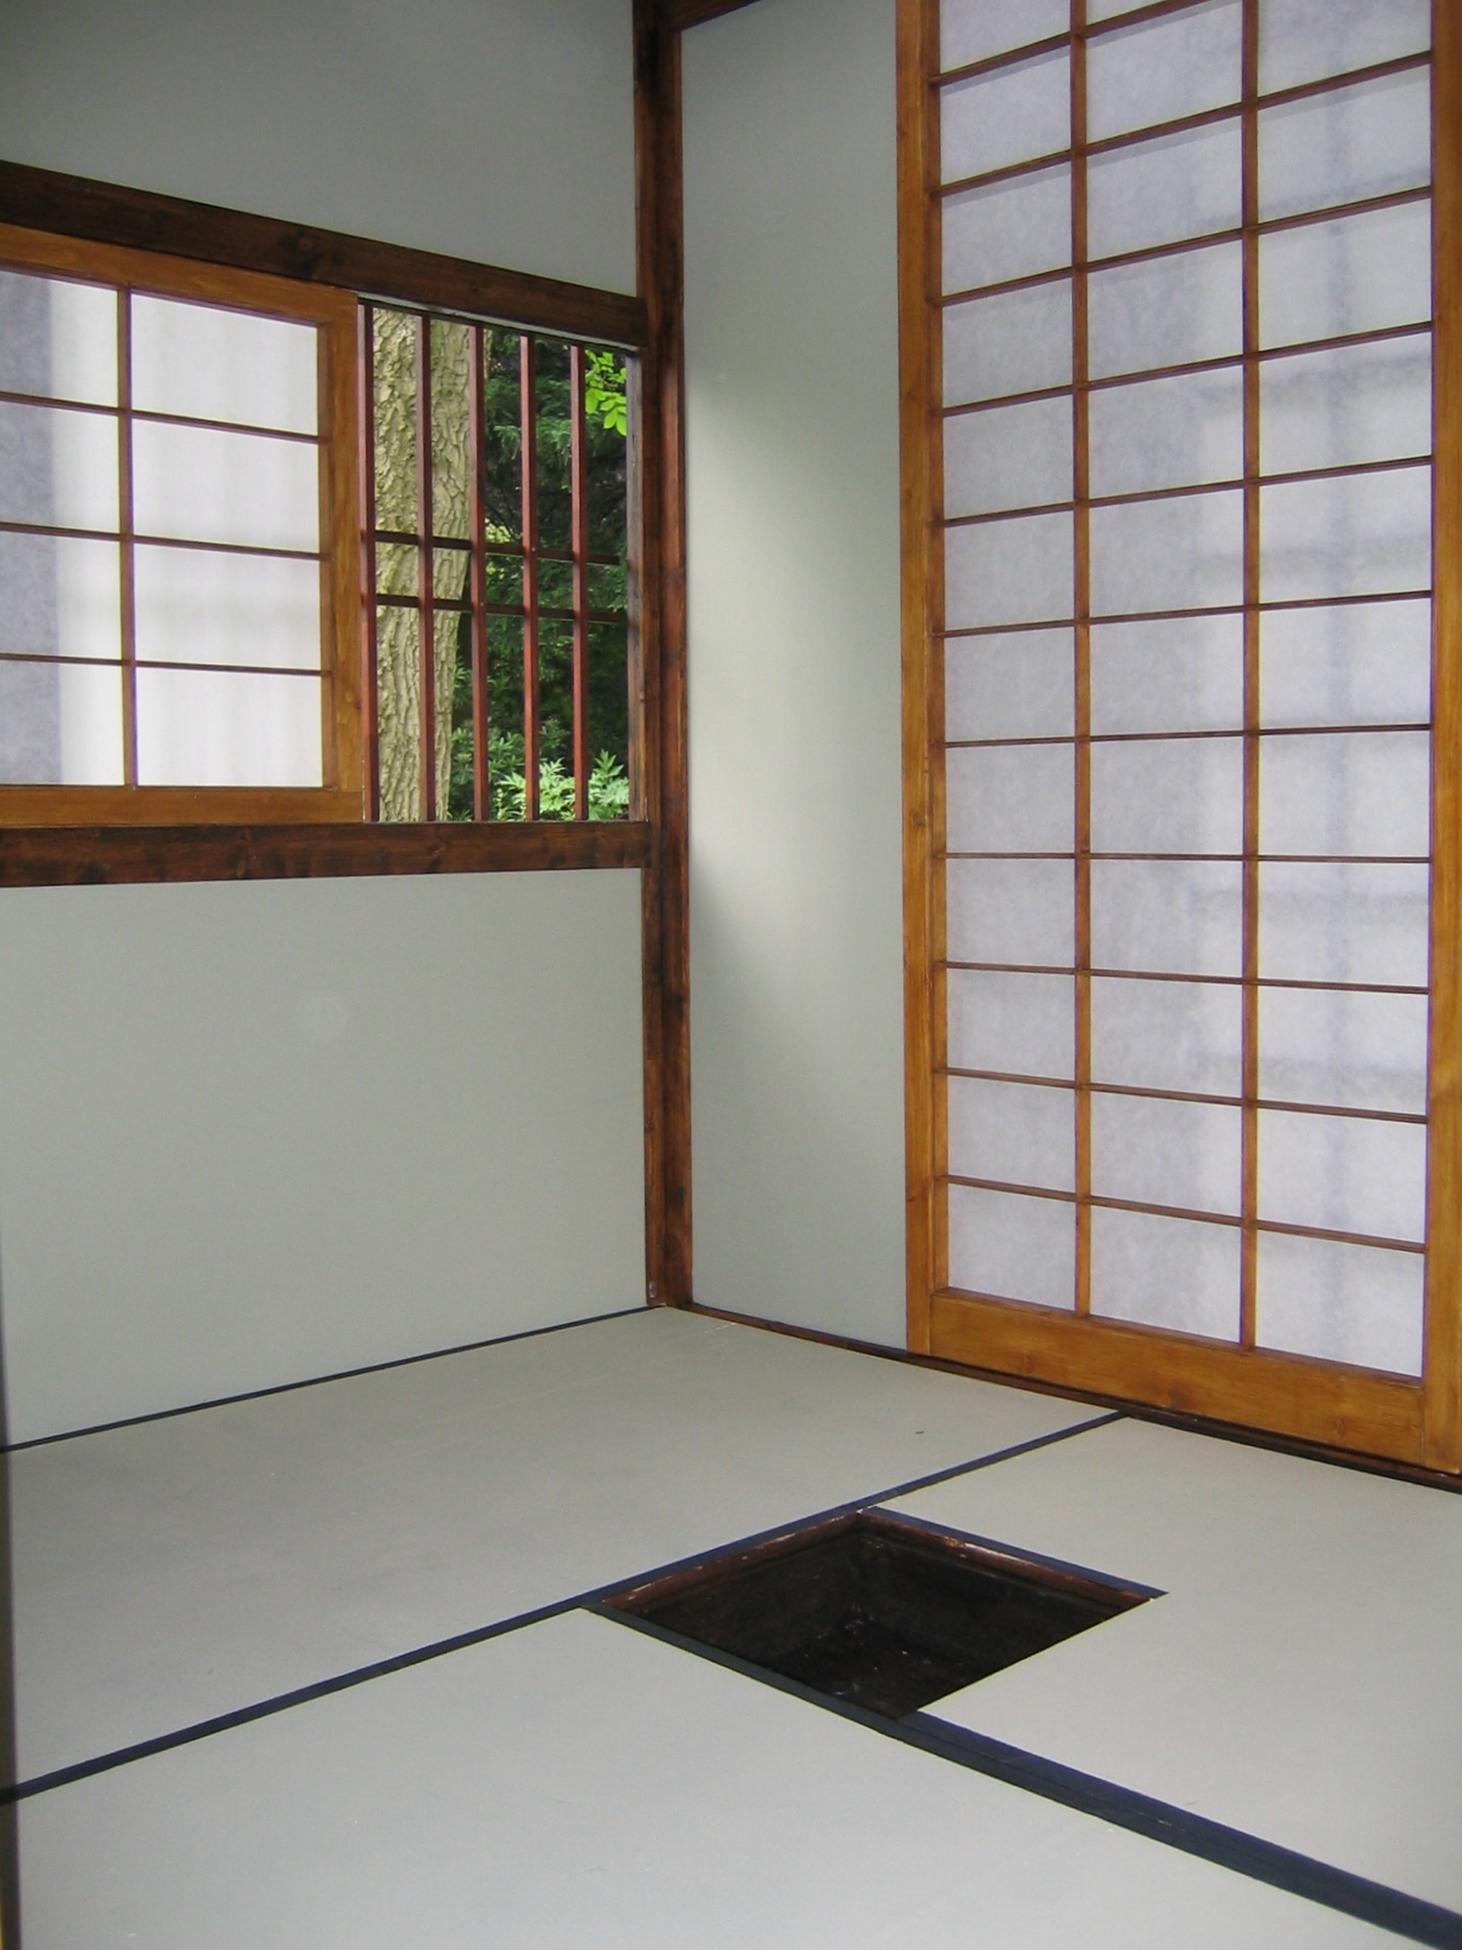 """2005 """"Japanese Tea house"""" Three mat, non functional outdoor sculpture at the Harold Martin Botanic Garden, Leicester, England."""